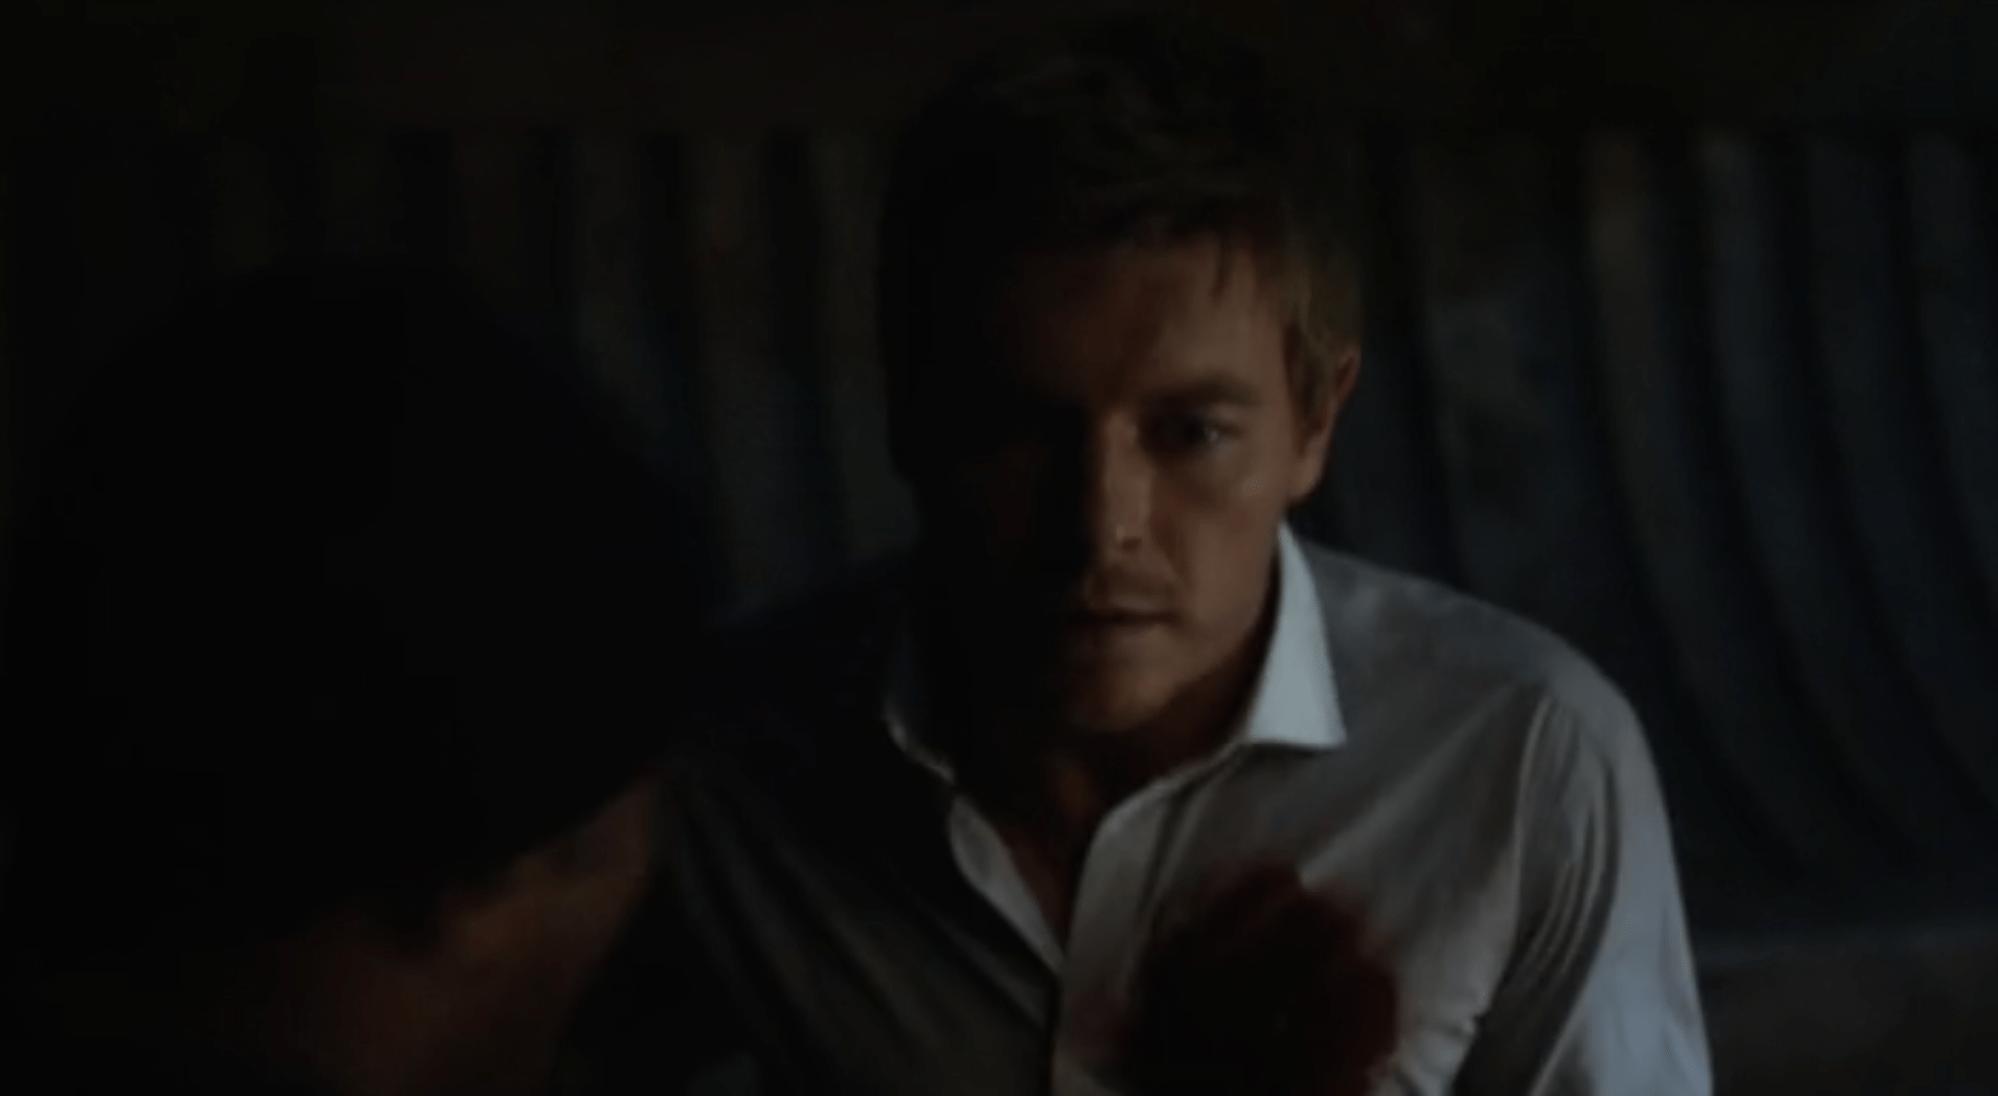 Spoiler alert: That ain't ketchup. Source: CW.